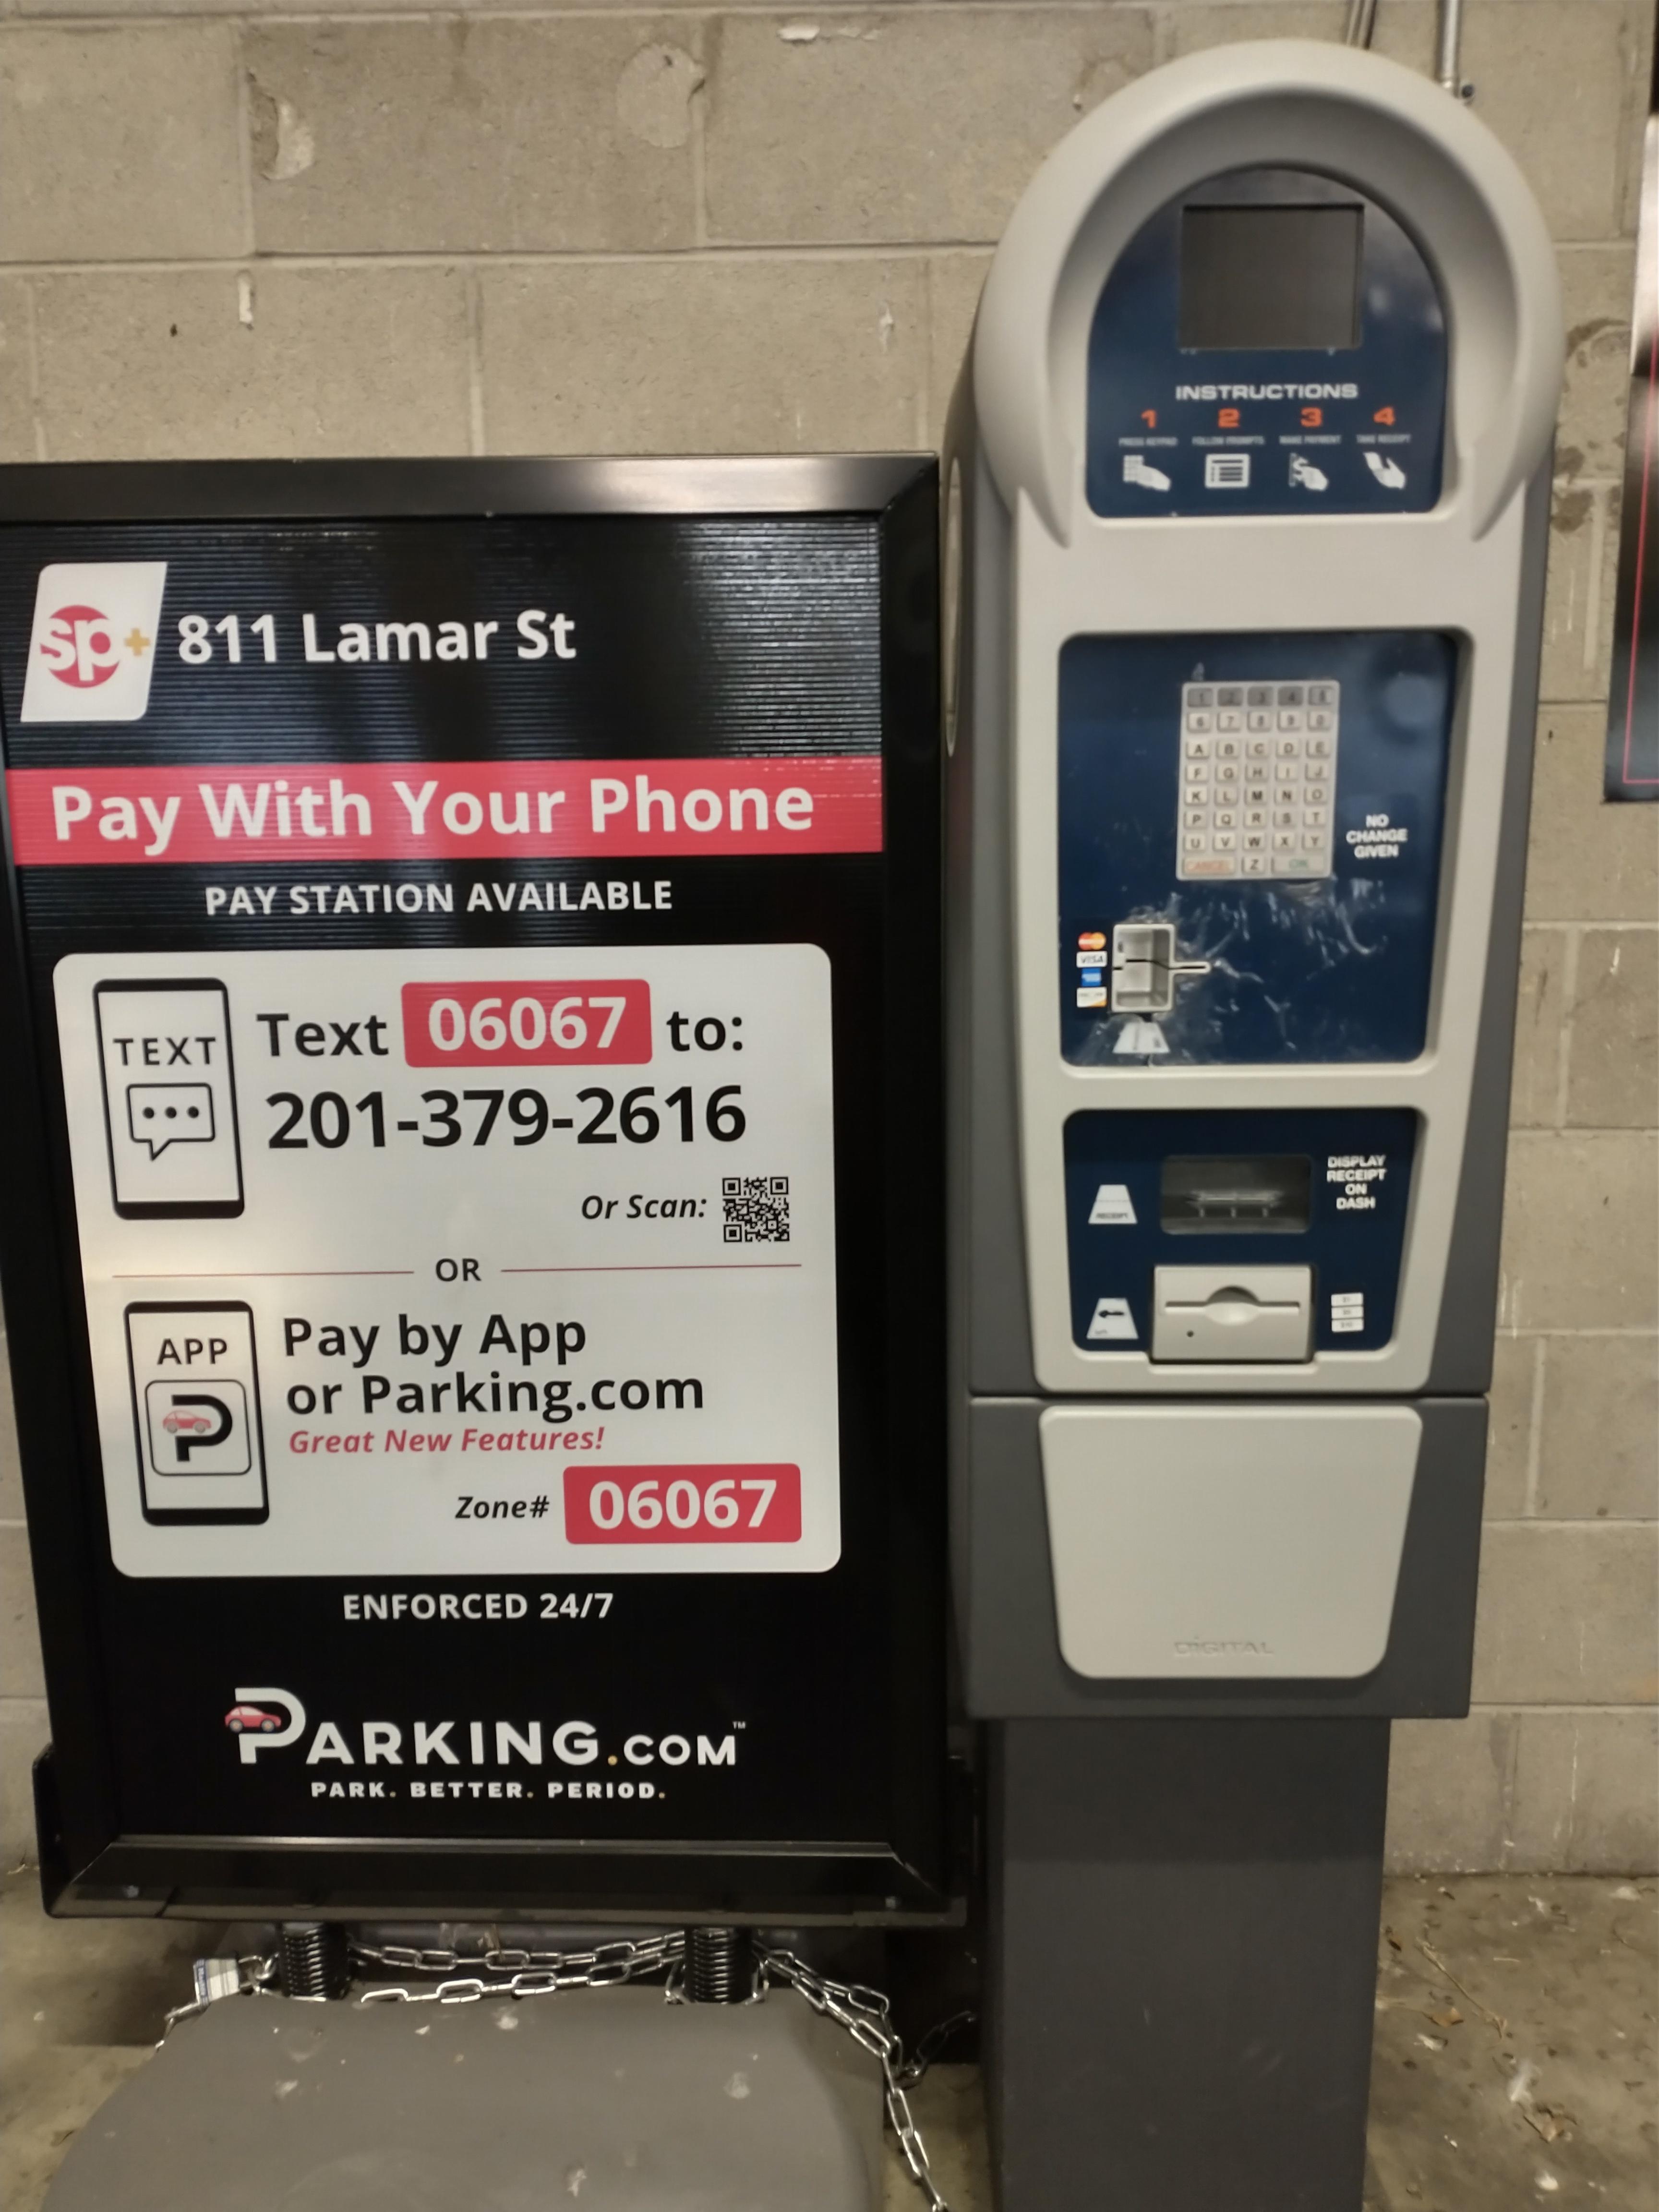 Parking.com signage